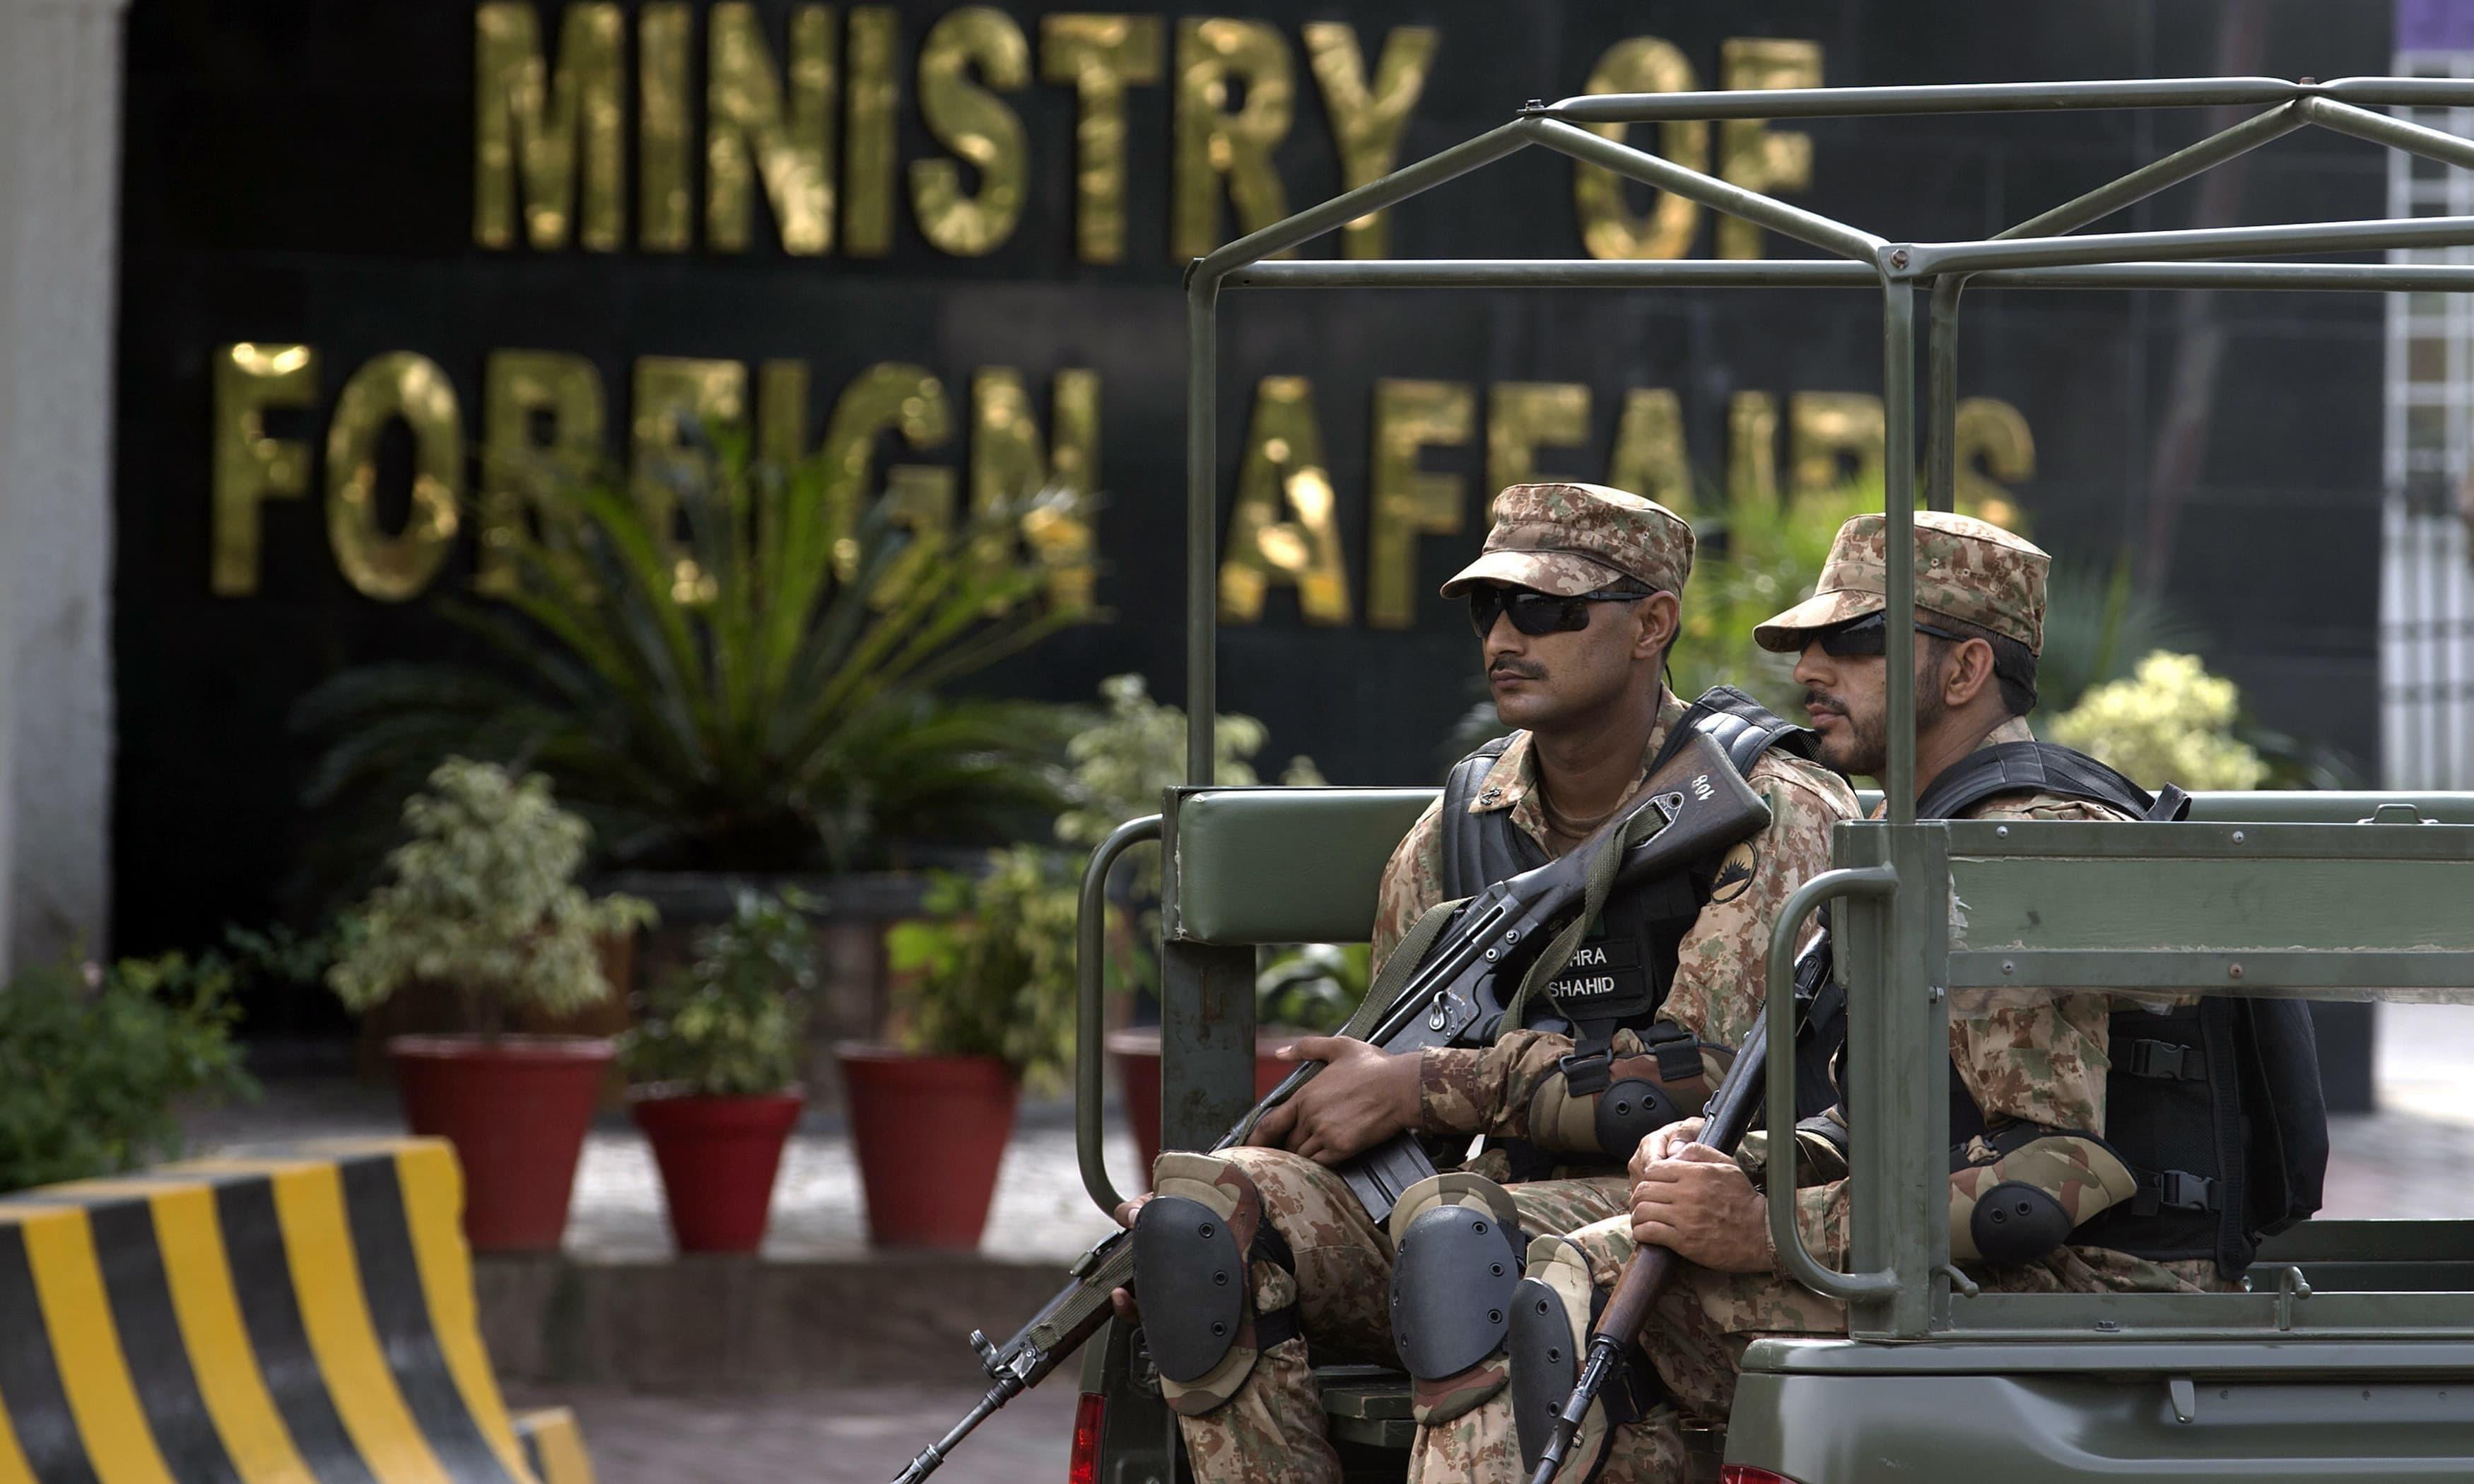 لائن آف کنٹرول کی خلاف ورزی، بھارتی سفارتکار کو طلب کرکے احتجاج